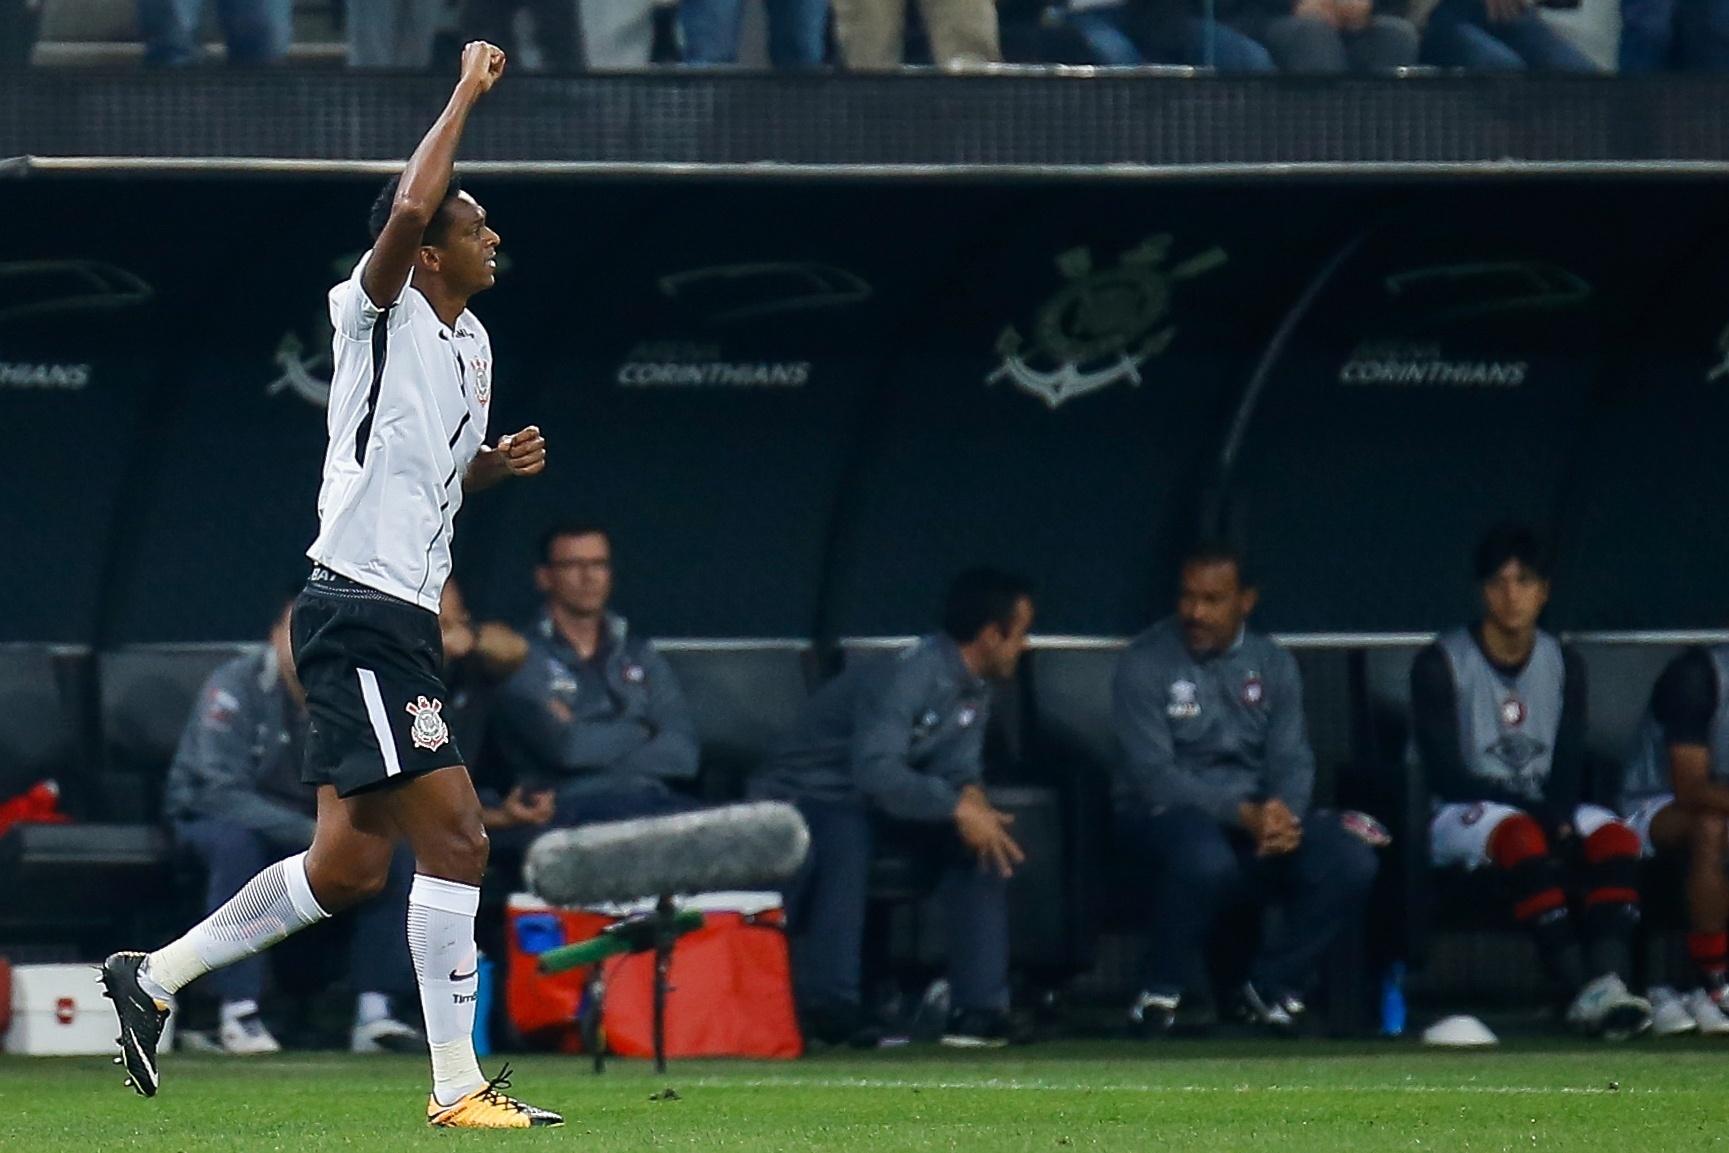 Jô comemora gol do Corinthians em casa diante do Atlético-PR pelo Campeonato Brasileiro 2017